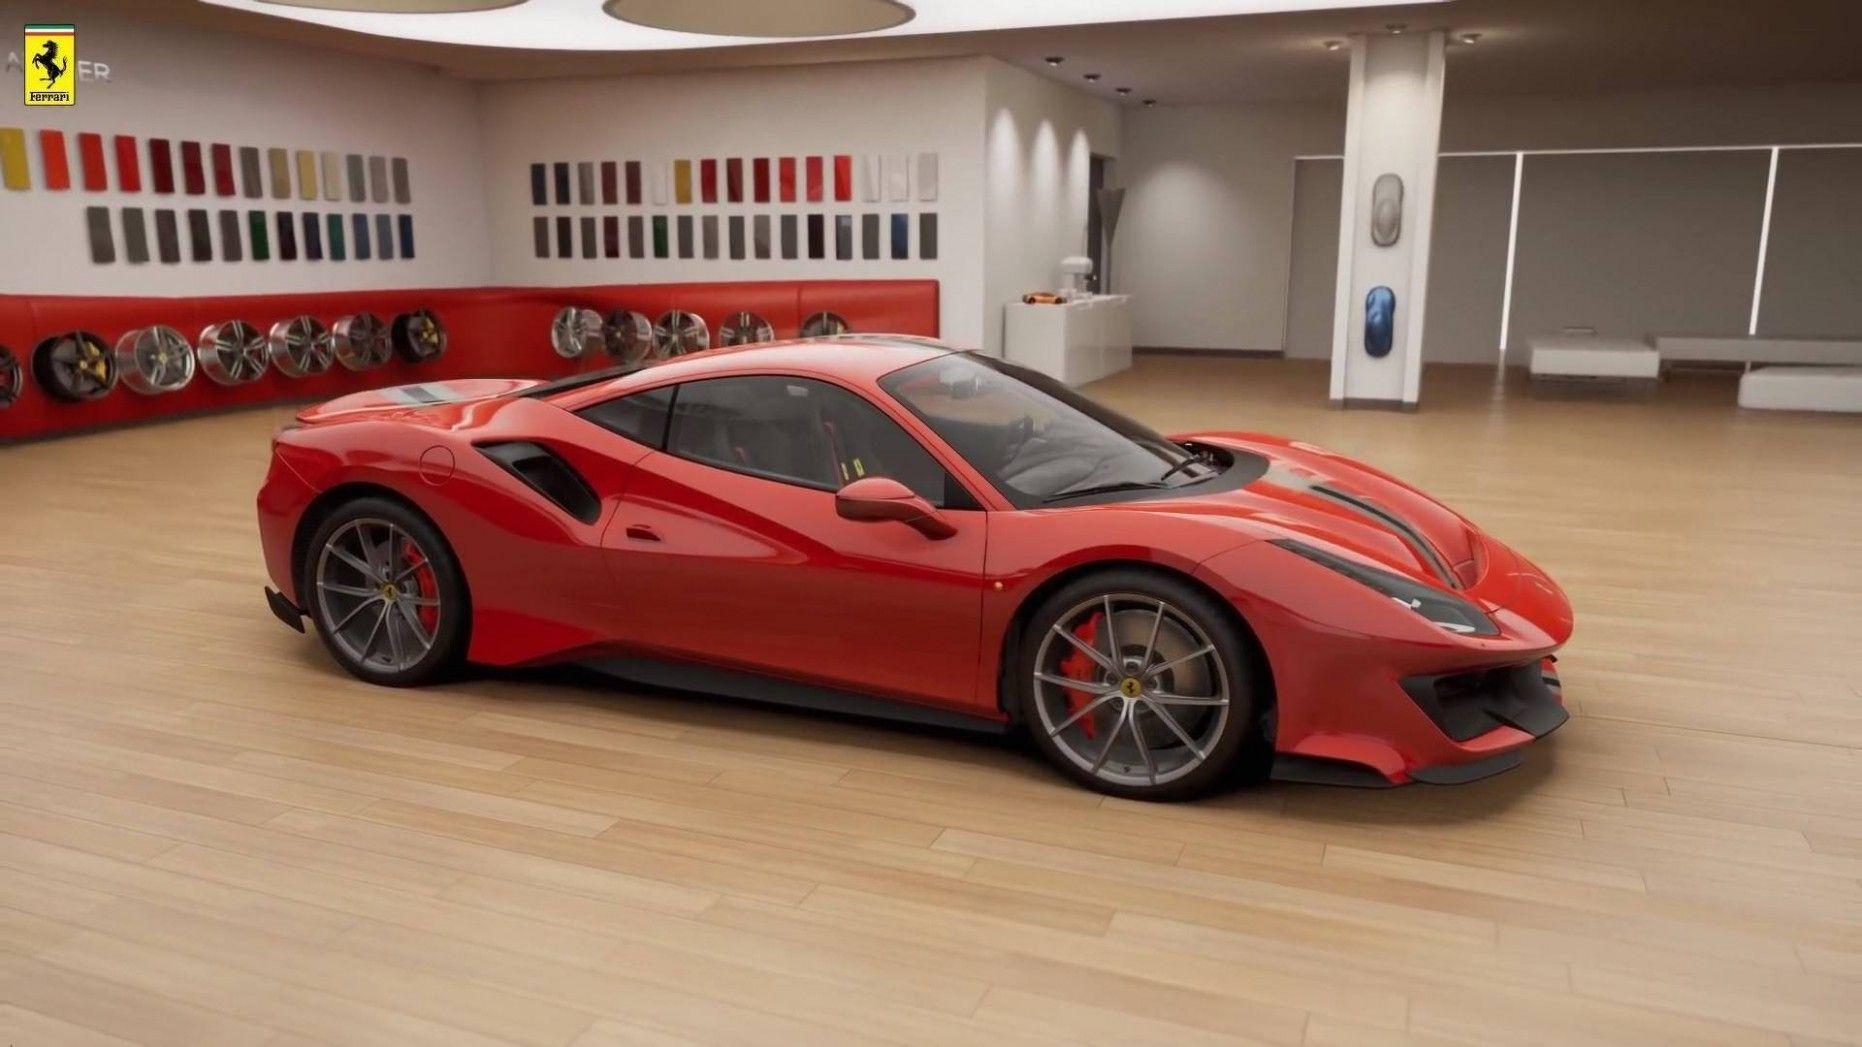 2020 Ferrari 488 Gtb Speed Ferrari 488 Ferrari 488 Gtb